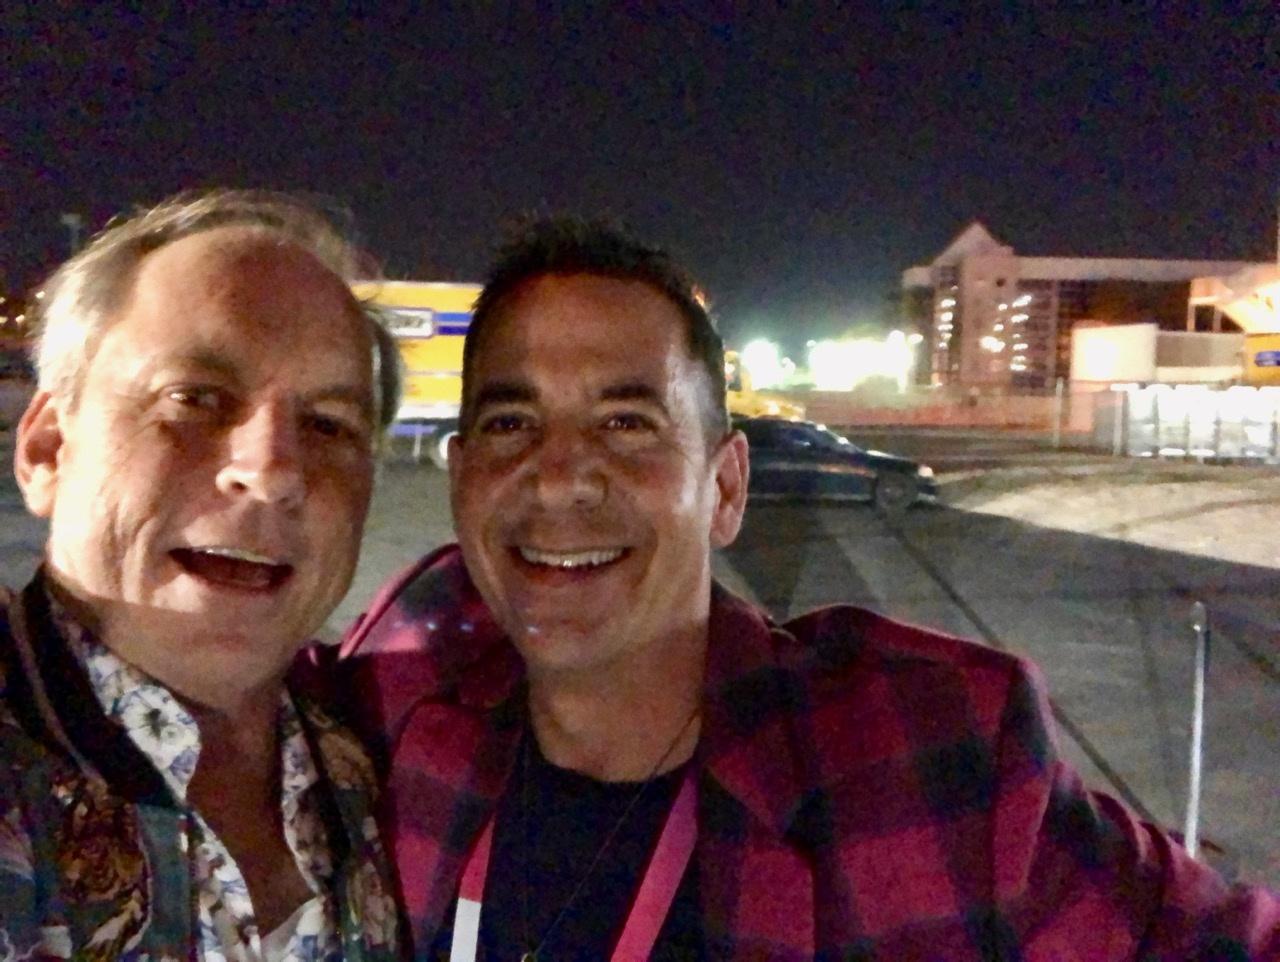 Tony Drockton and Bob Phibbs